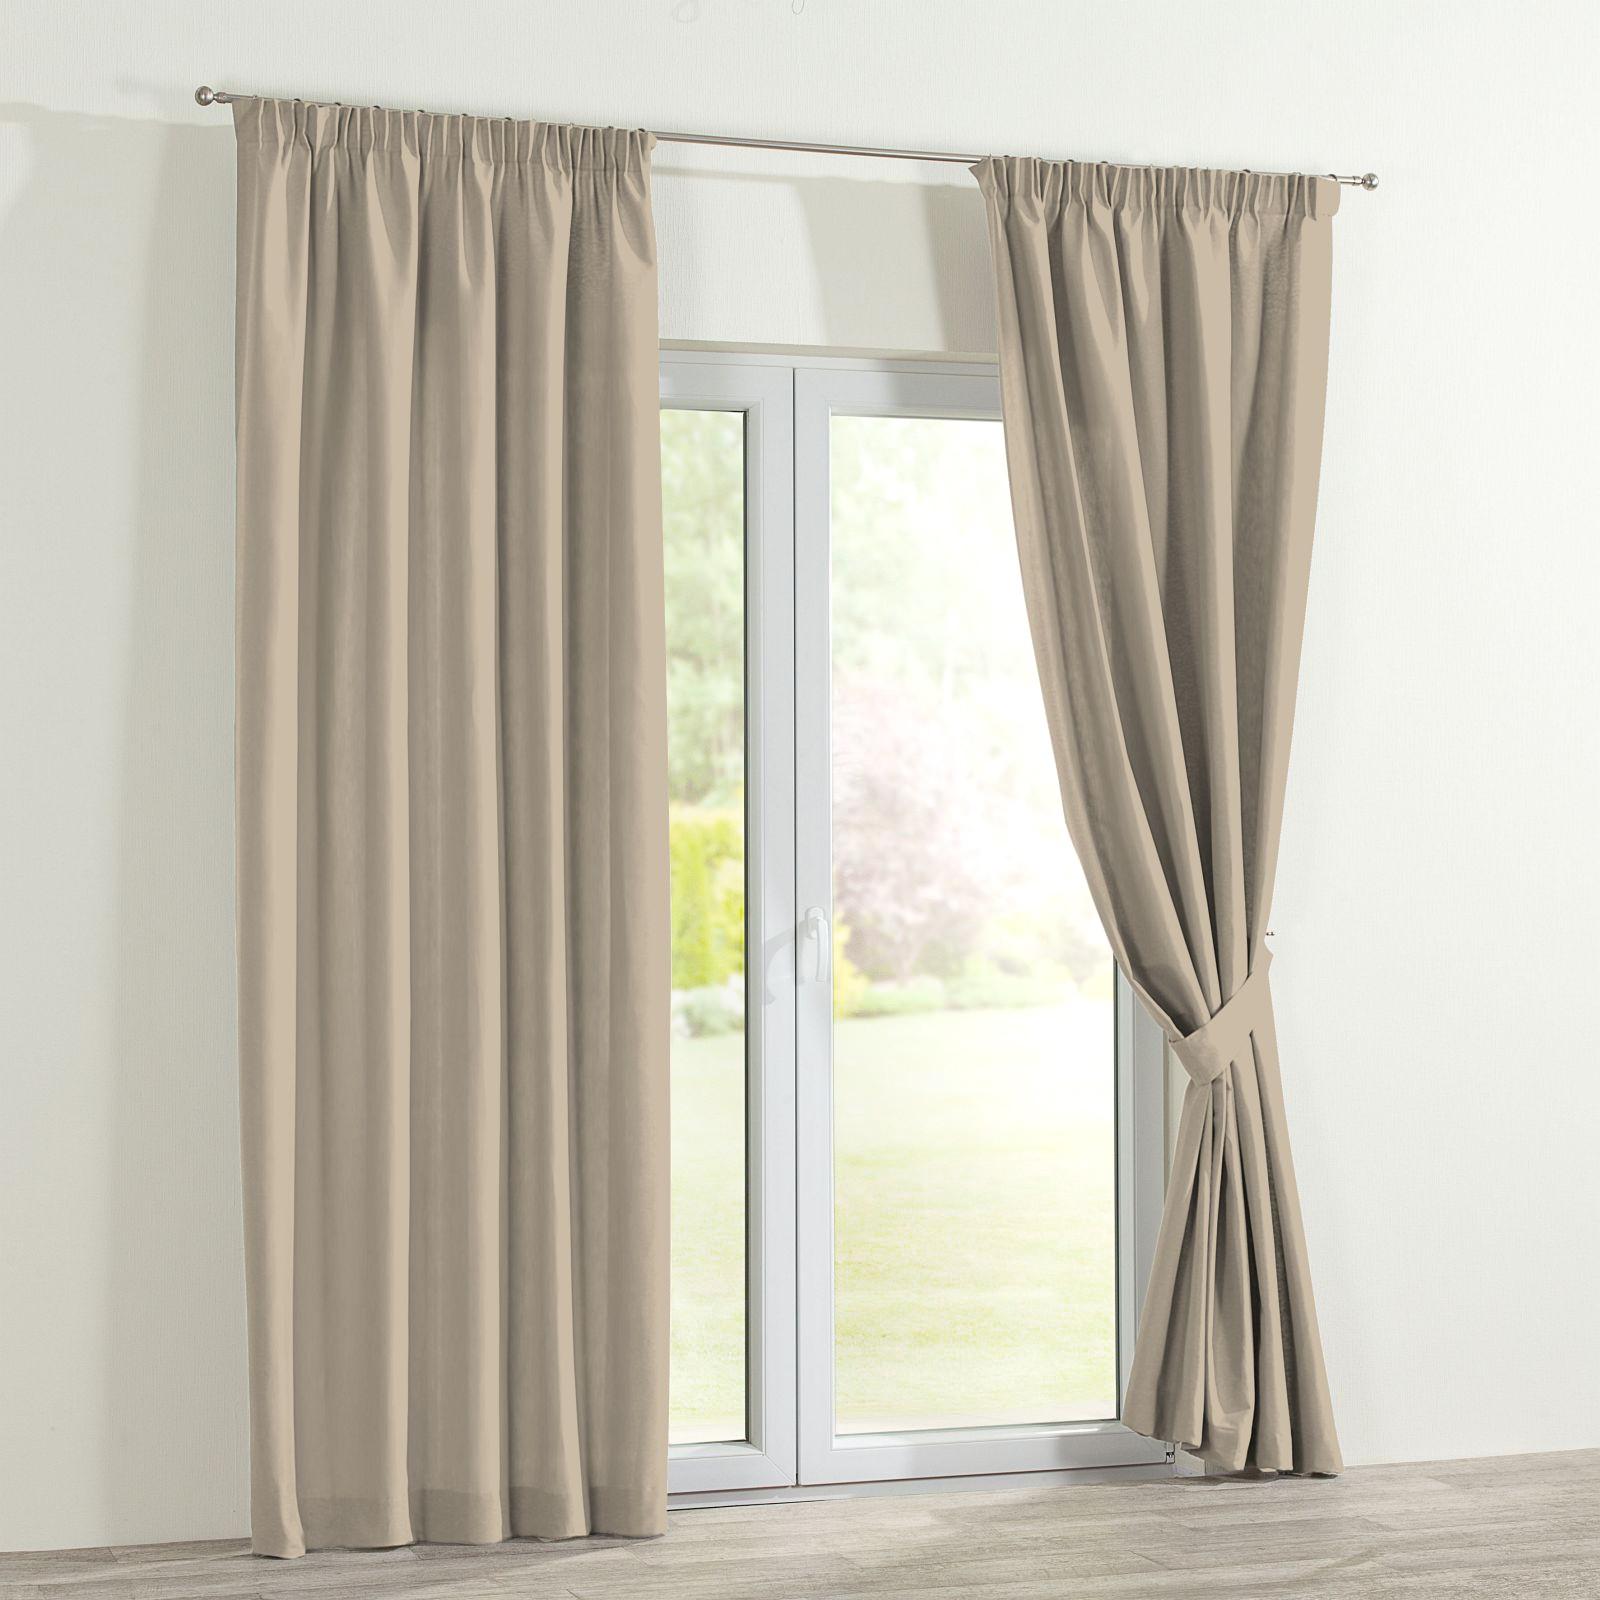 Verdunklungs-Vorhang mit Kräuselband - Beige | home24